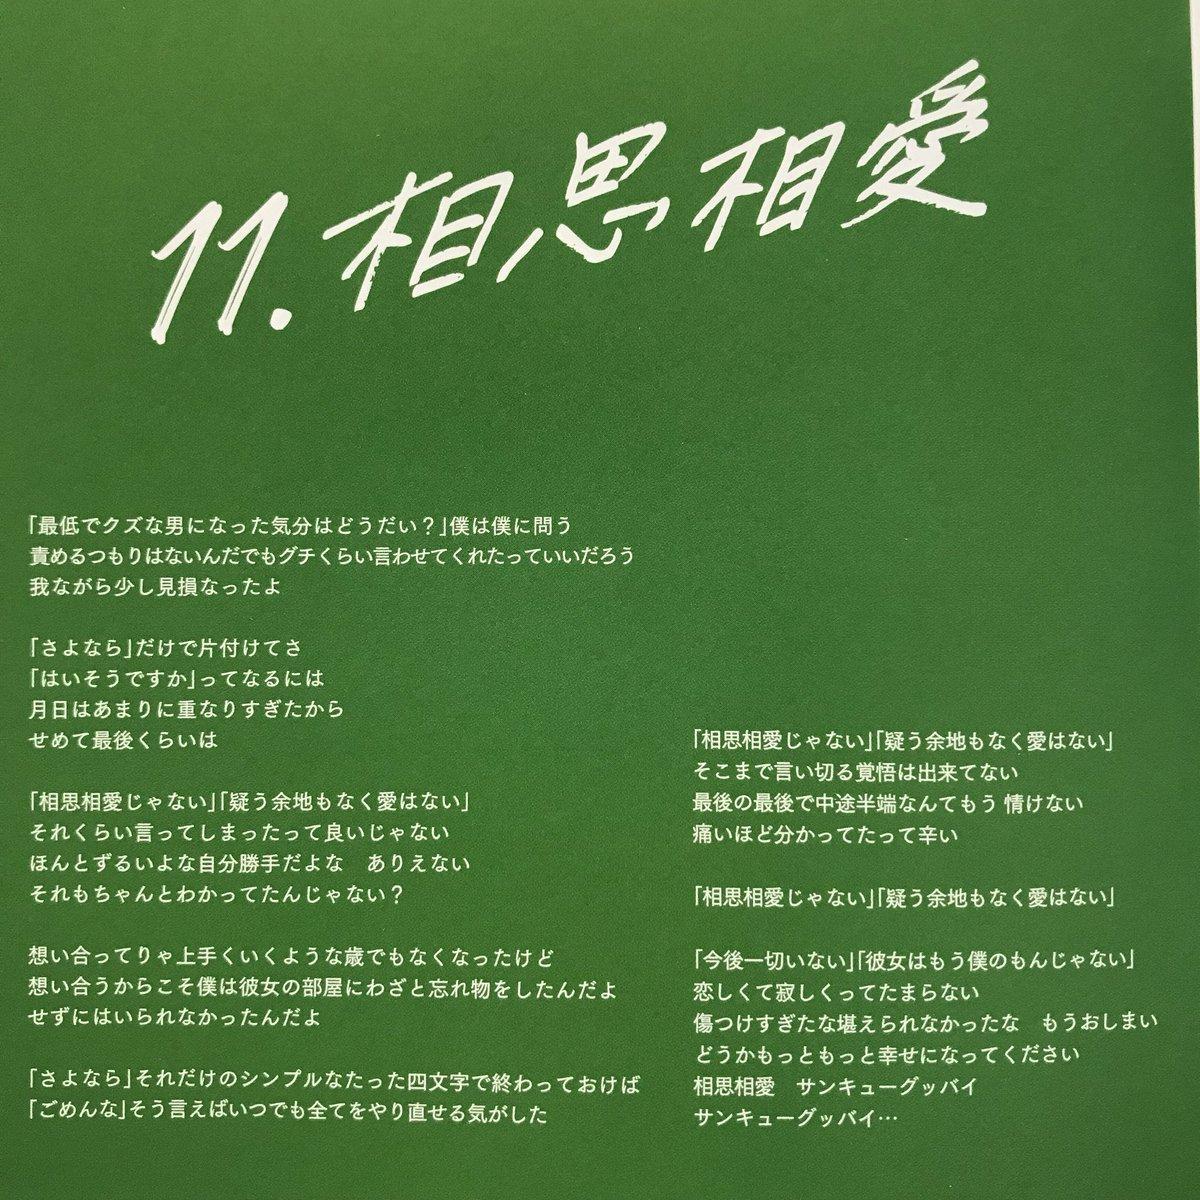 グッバイ ヒゲダン Official髭男dism Pretender